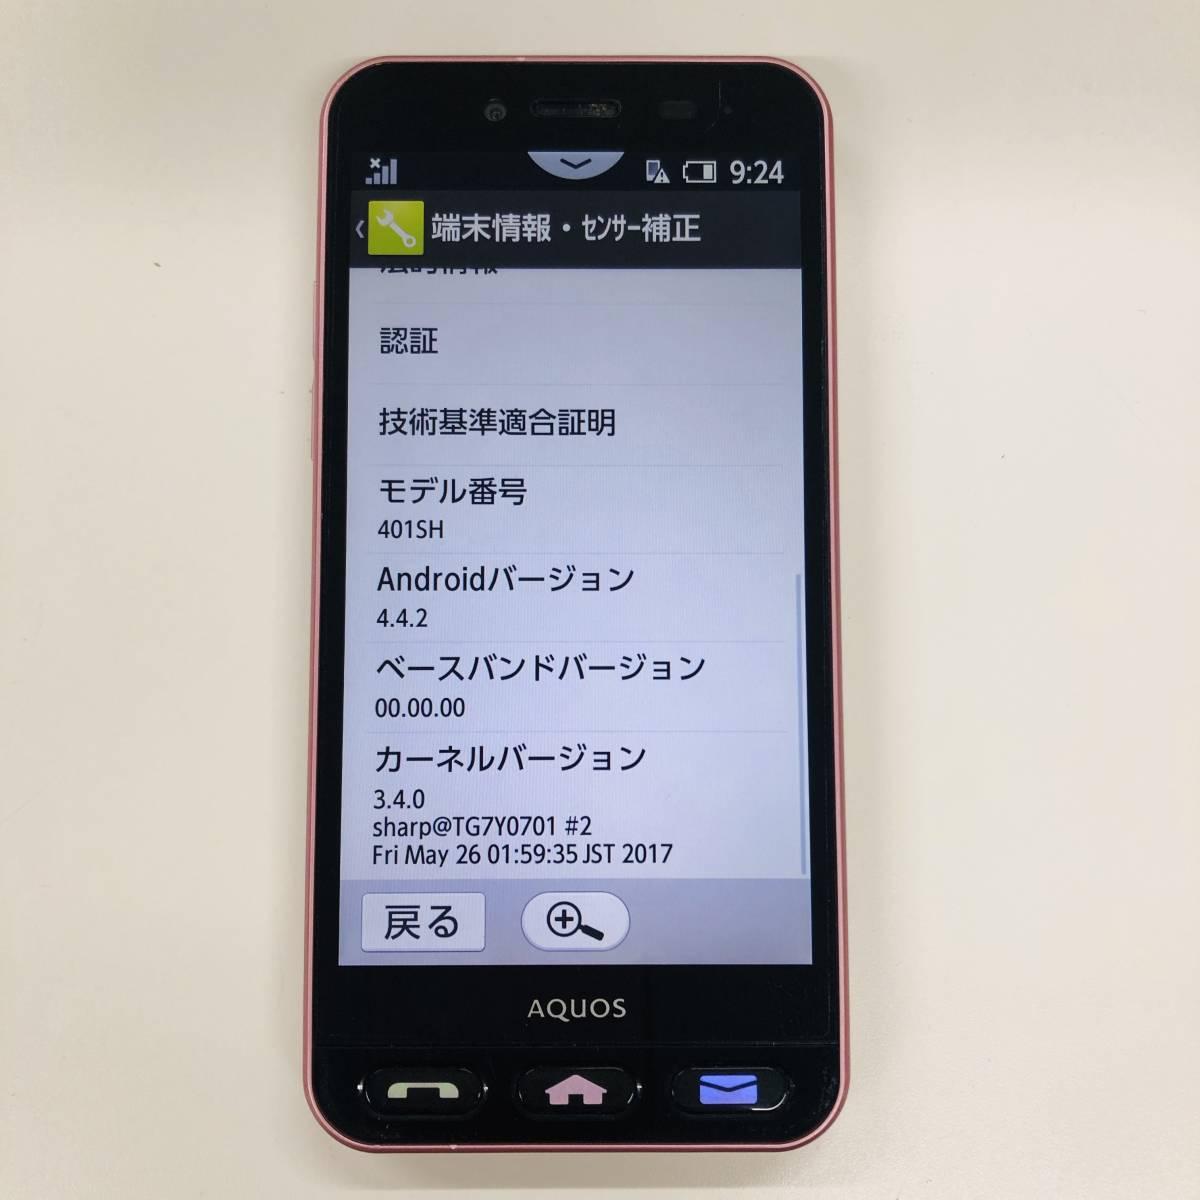 (391)FP036277【送料無料】SHARP/シンプルスマホ2/401SH/Softbank/ピンク/ 白ロム/ Androidスマホ 【中古品】_画像2